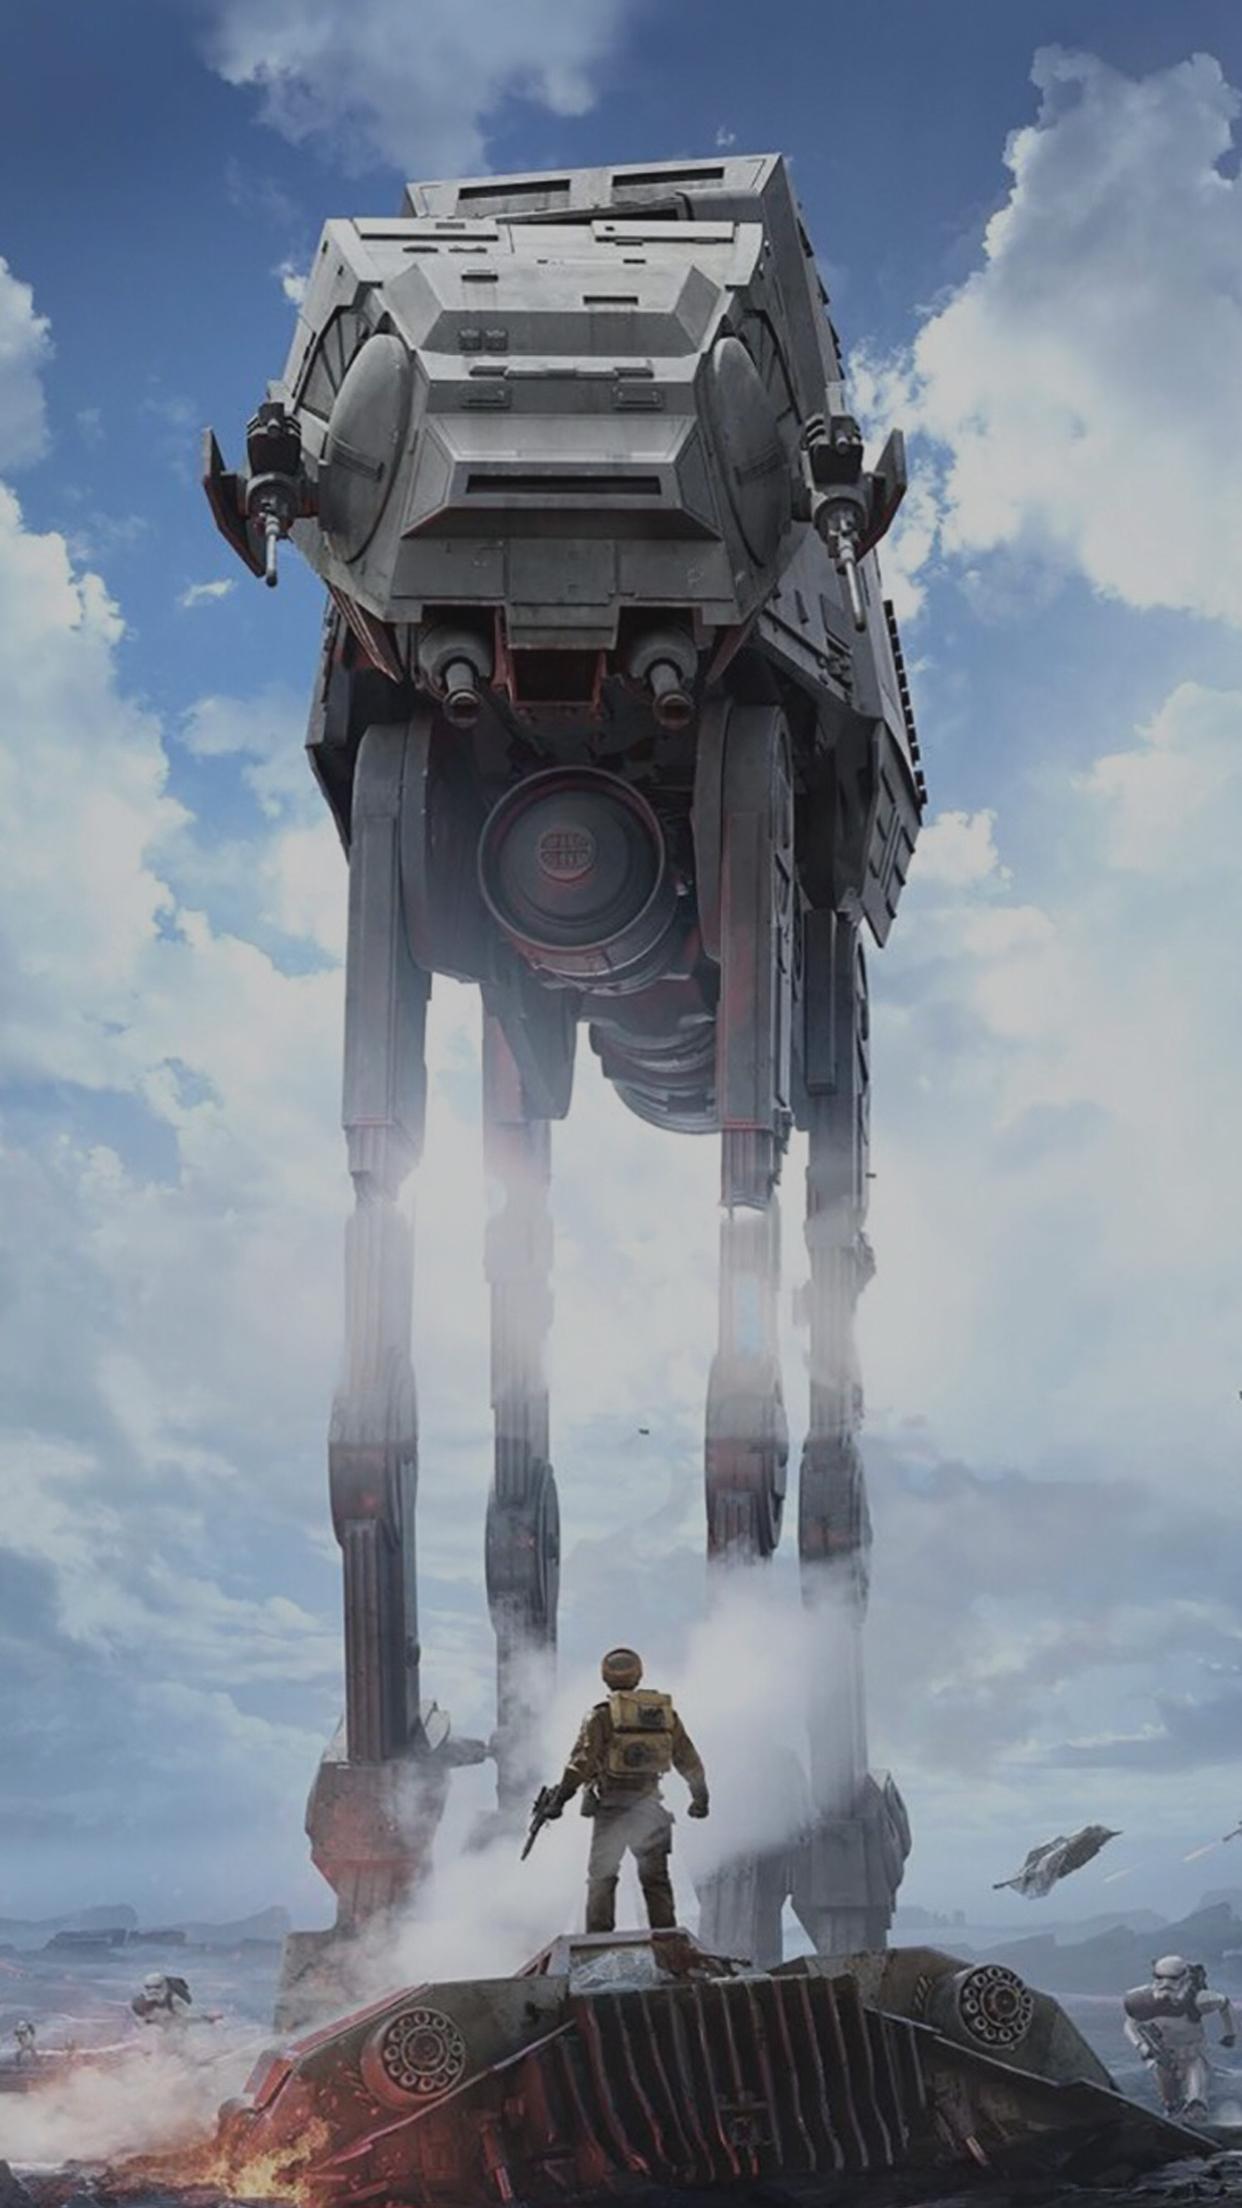 Star Wars Ios Wallpaper Wallpapersafari